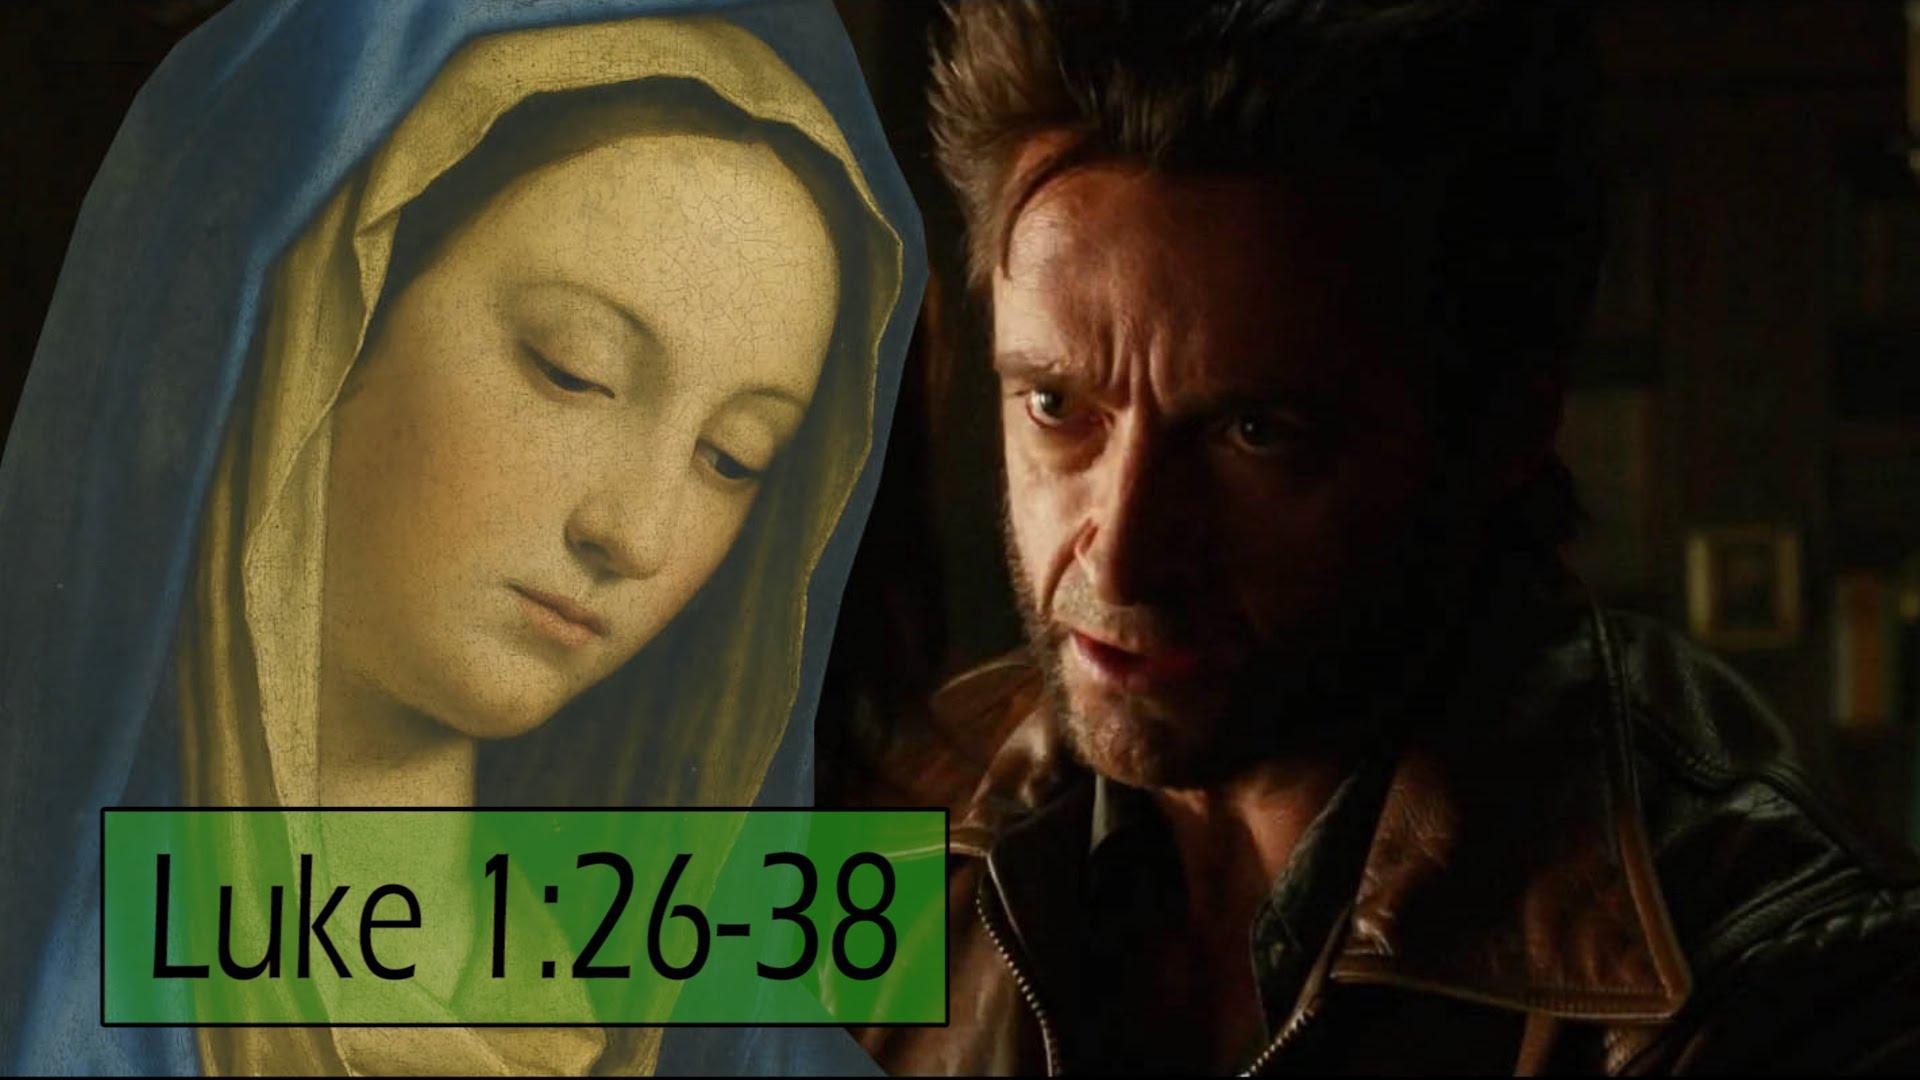 Luke #4 - Mary